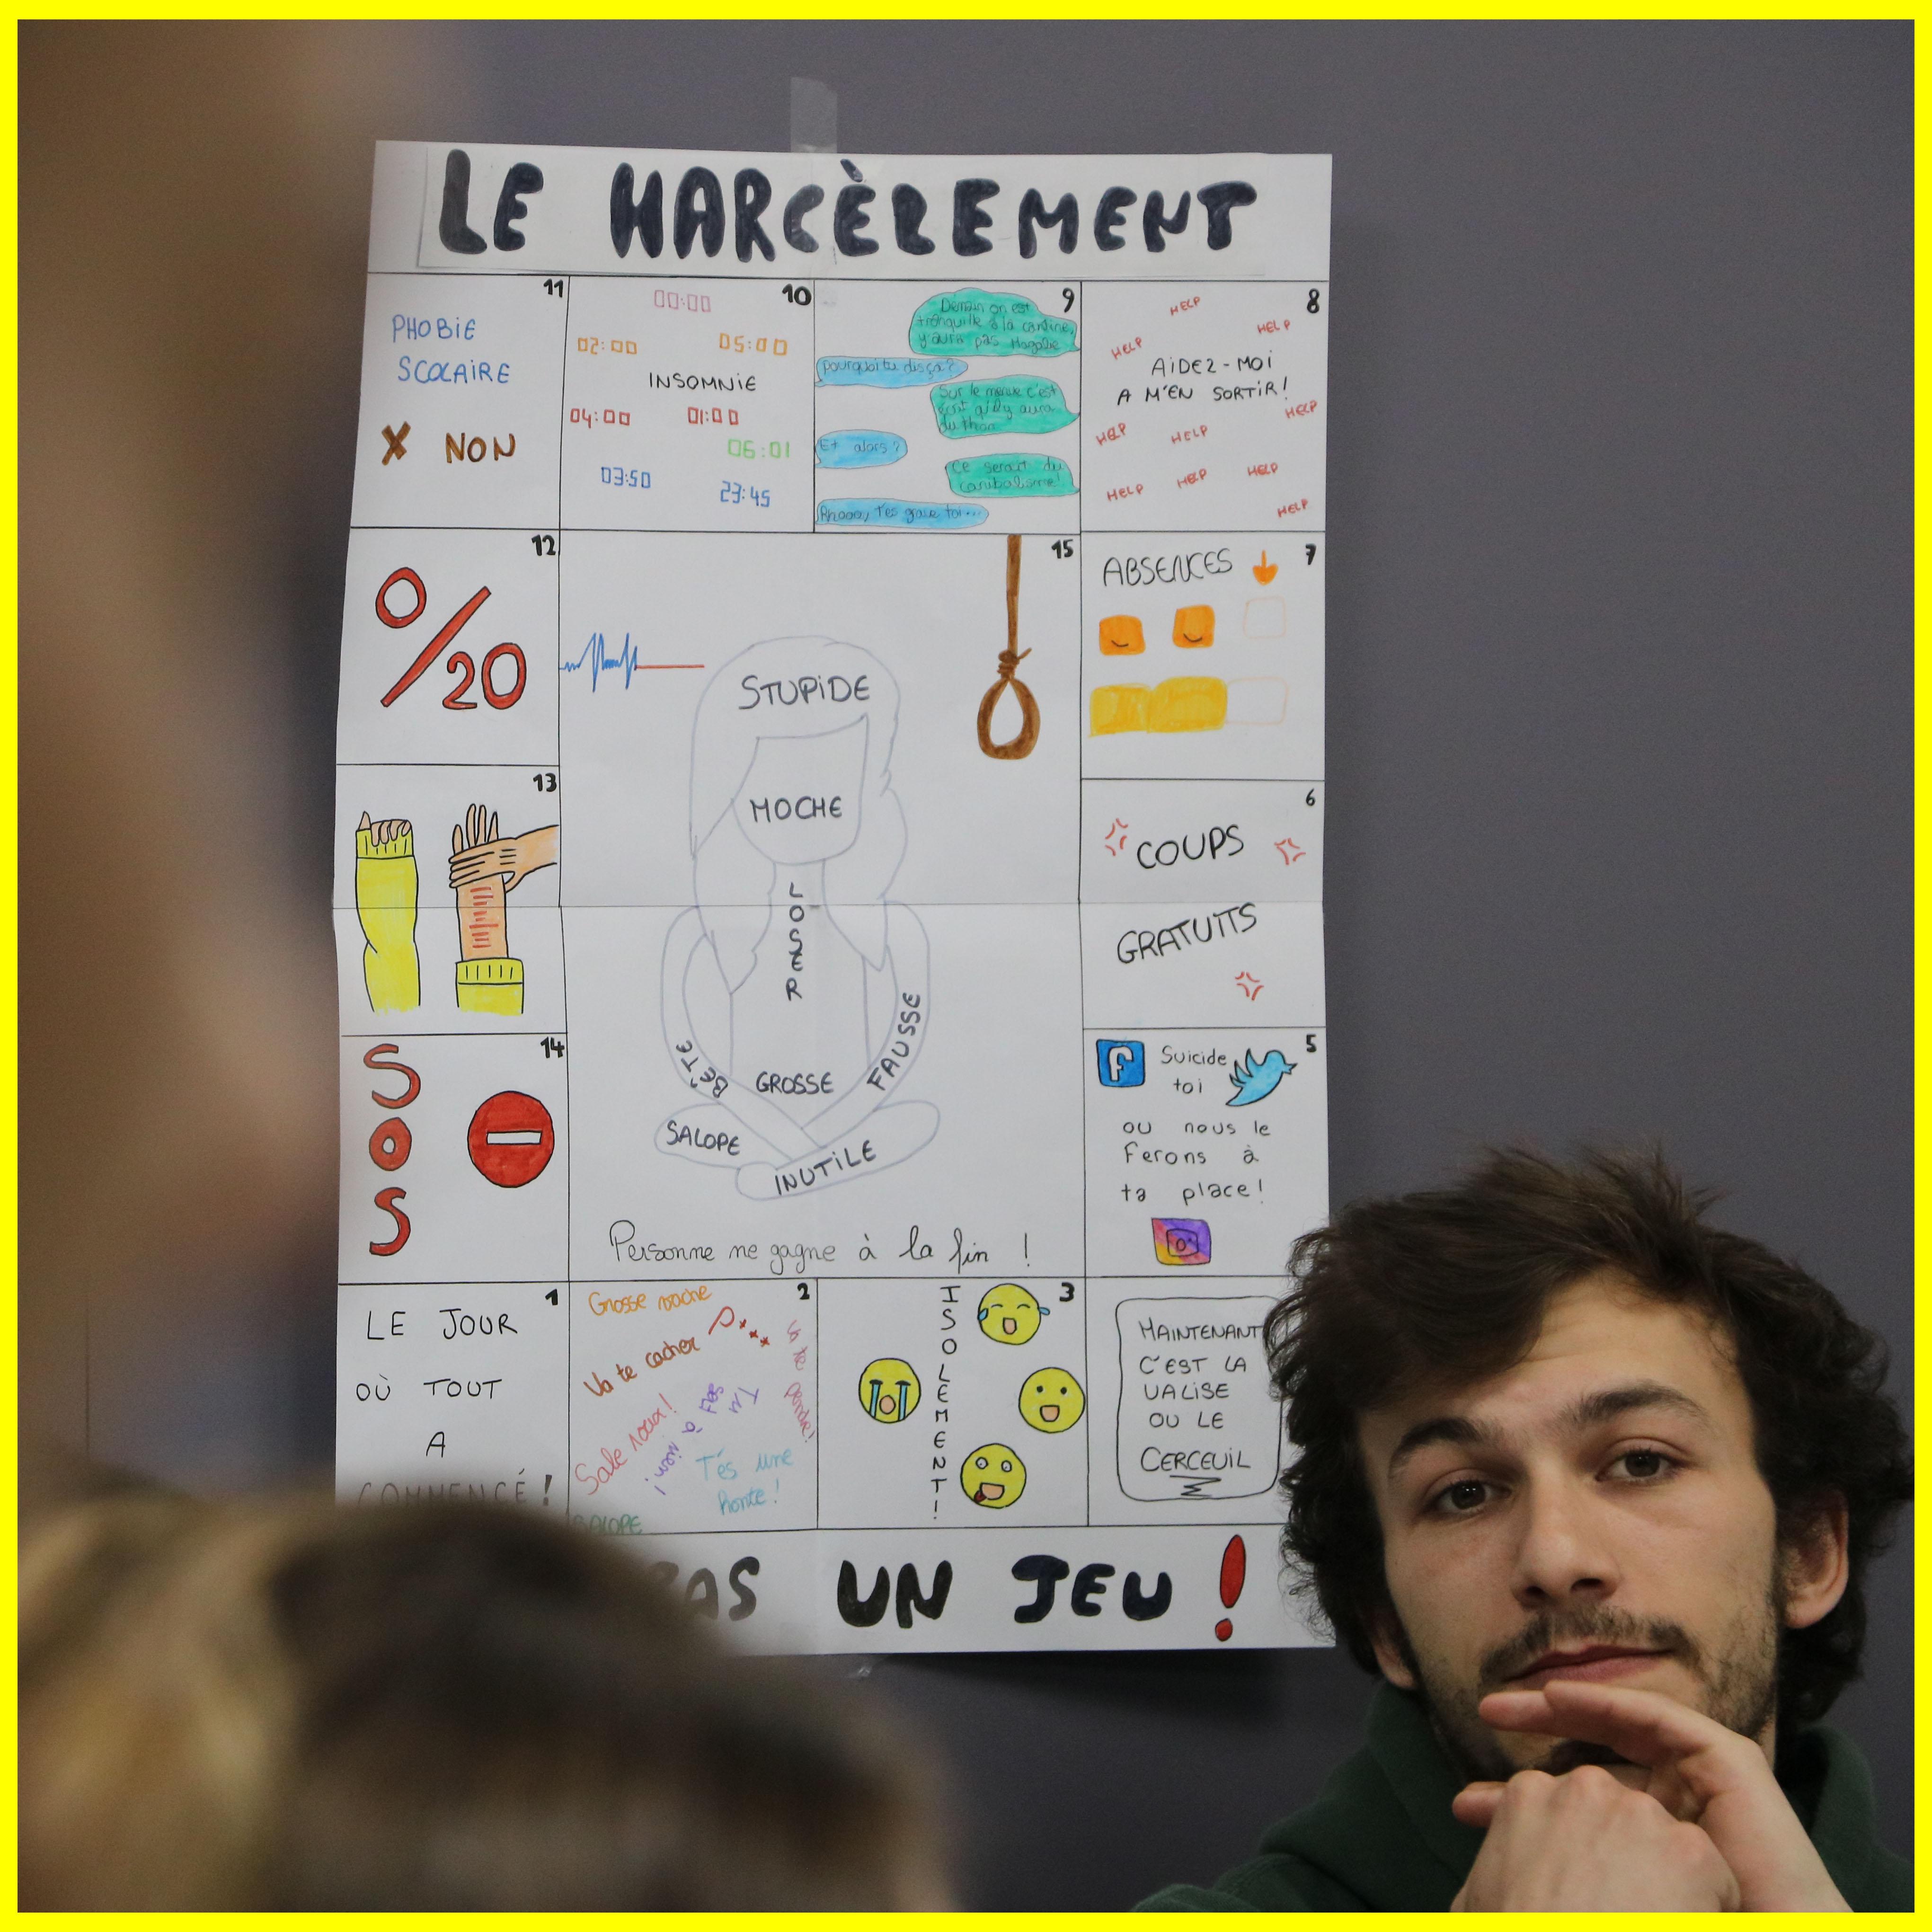 Conférence harcèlement - ESF1